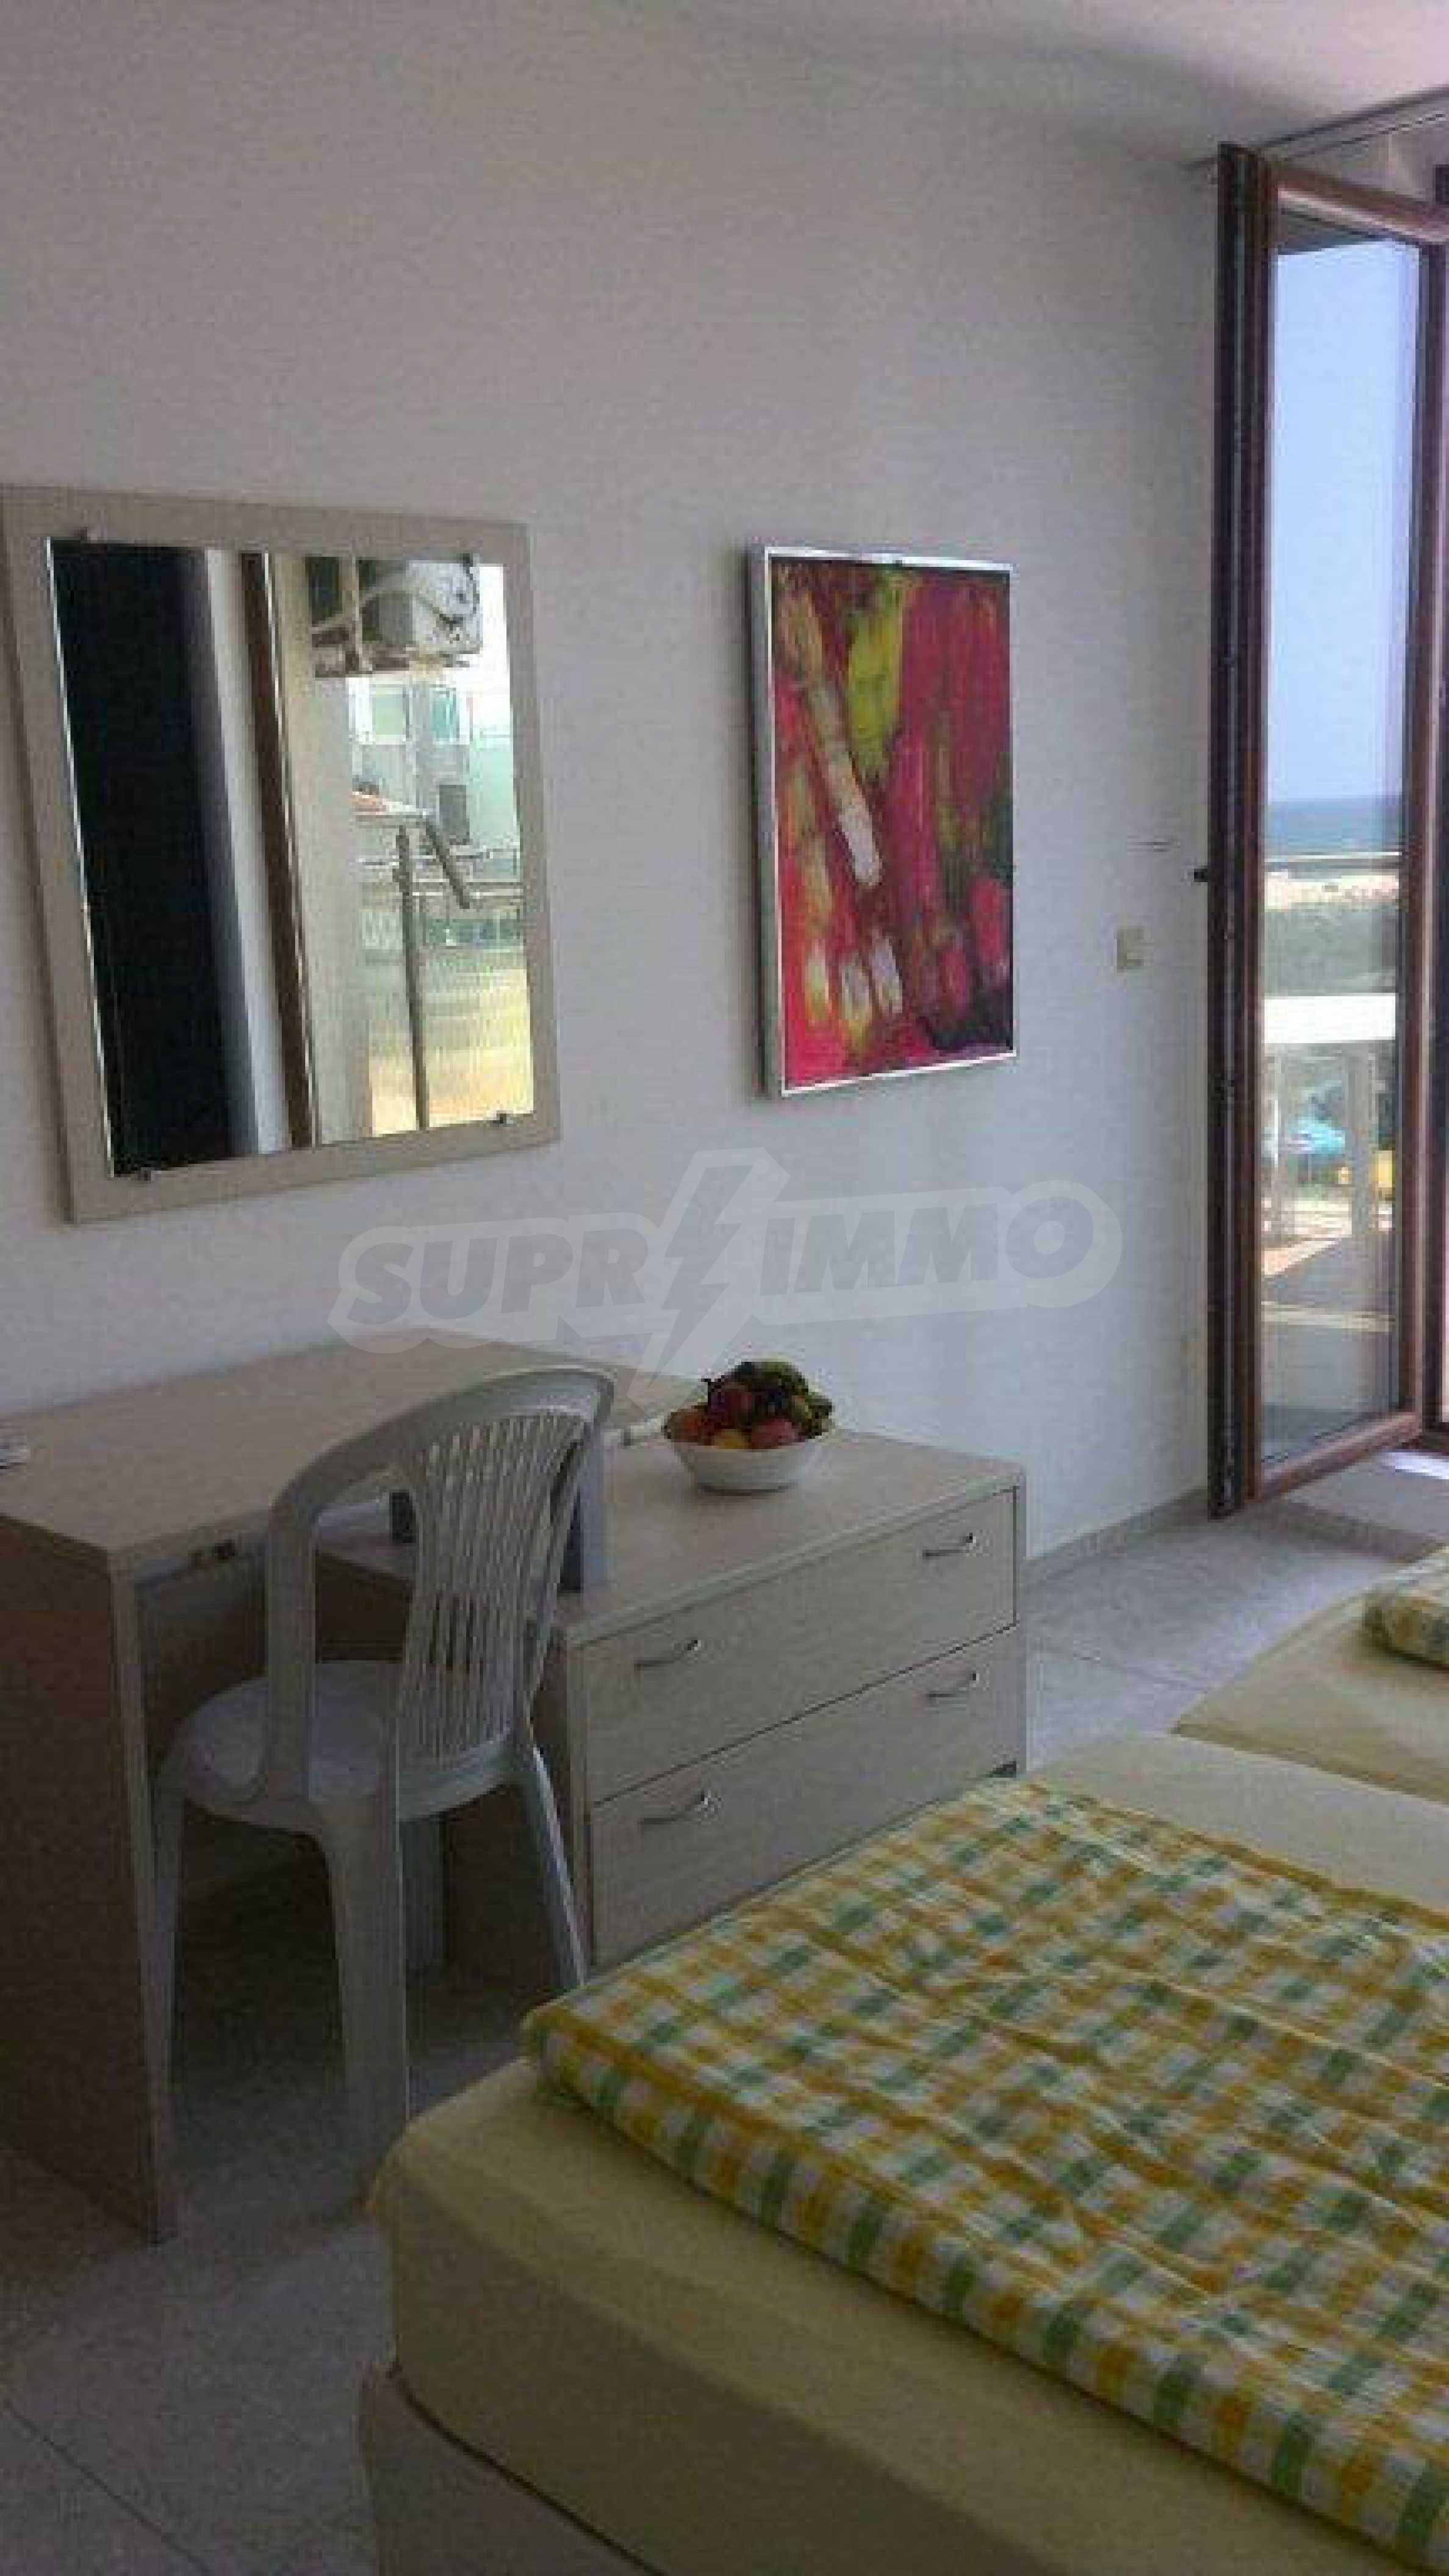 Luxus-Apartment mit zwei Schlafzimmern im Komplex Prestige City 2 in Primorsko 8